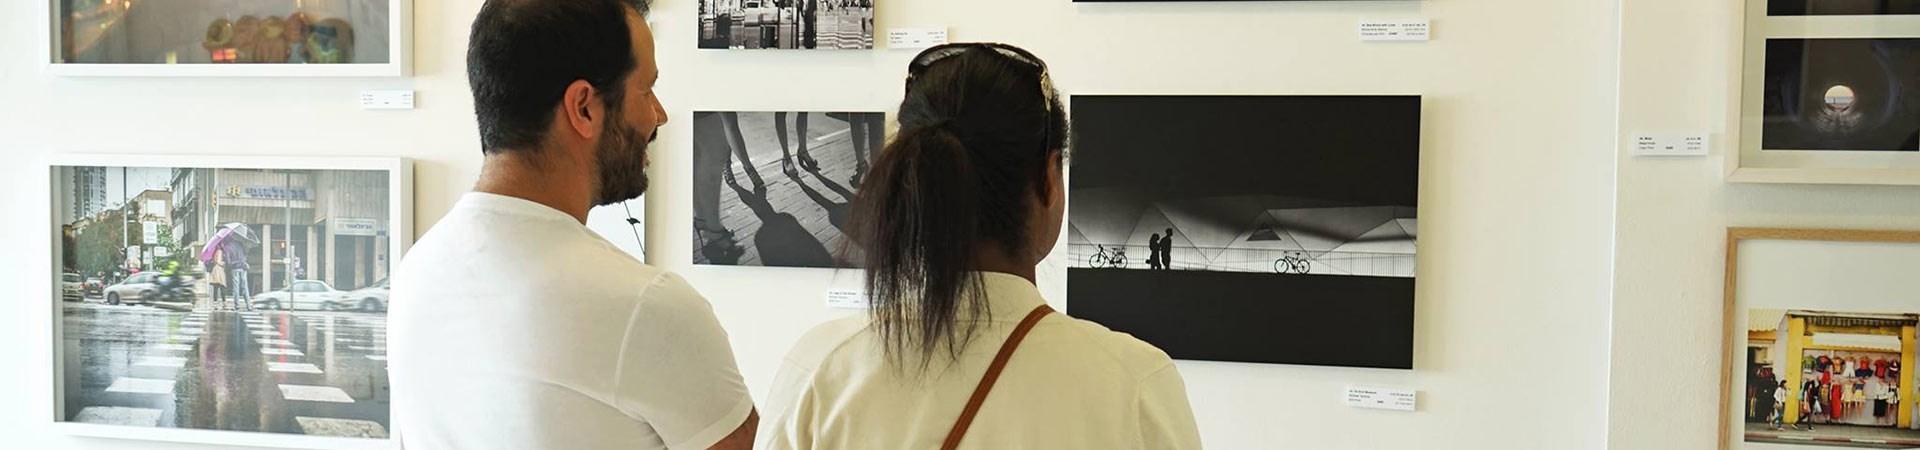 Prima Gallery For local art